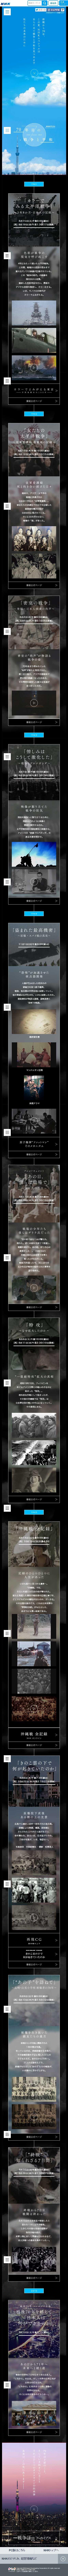 NHKスペシャル 戦後70年 戦争と平和を考える